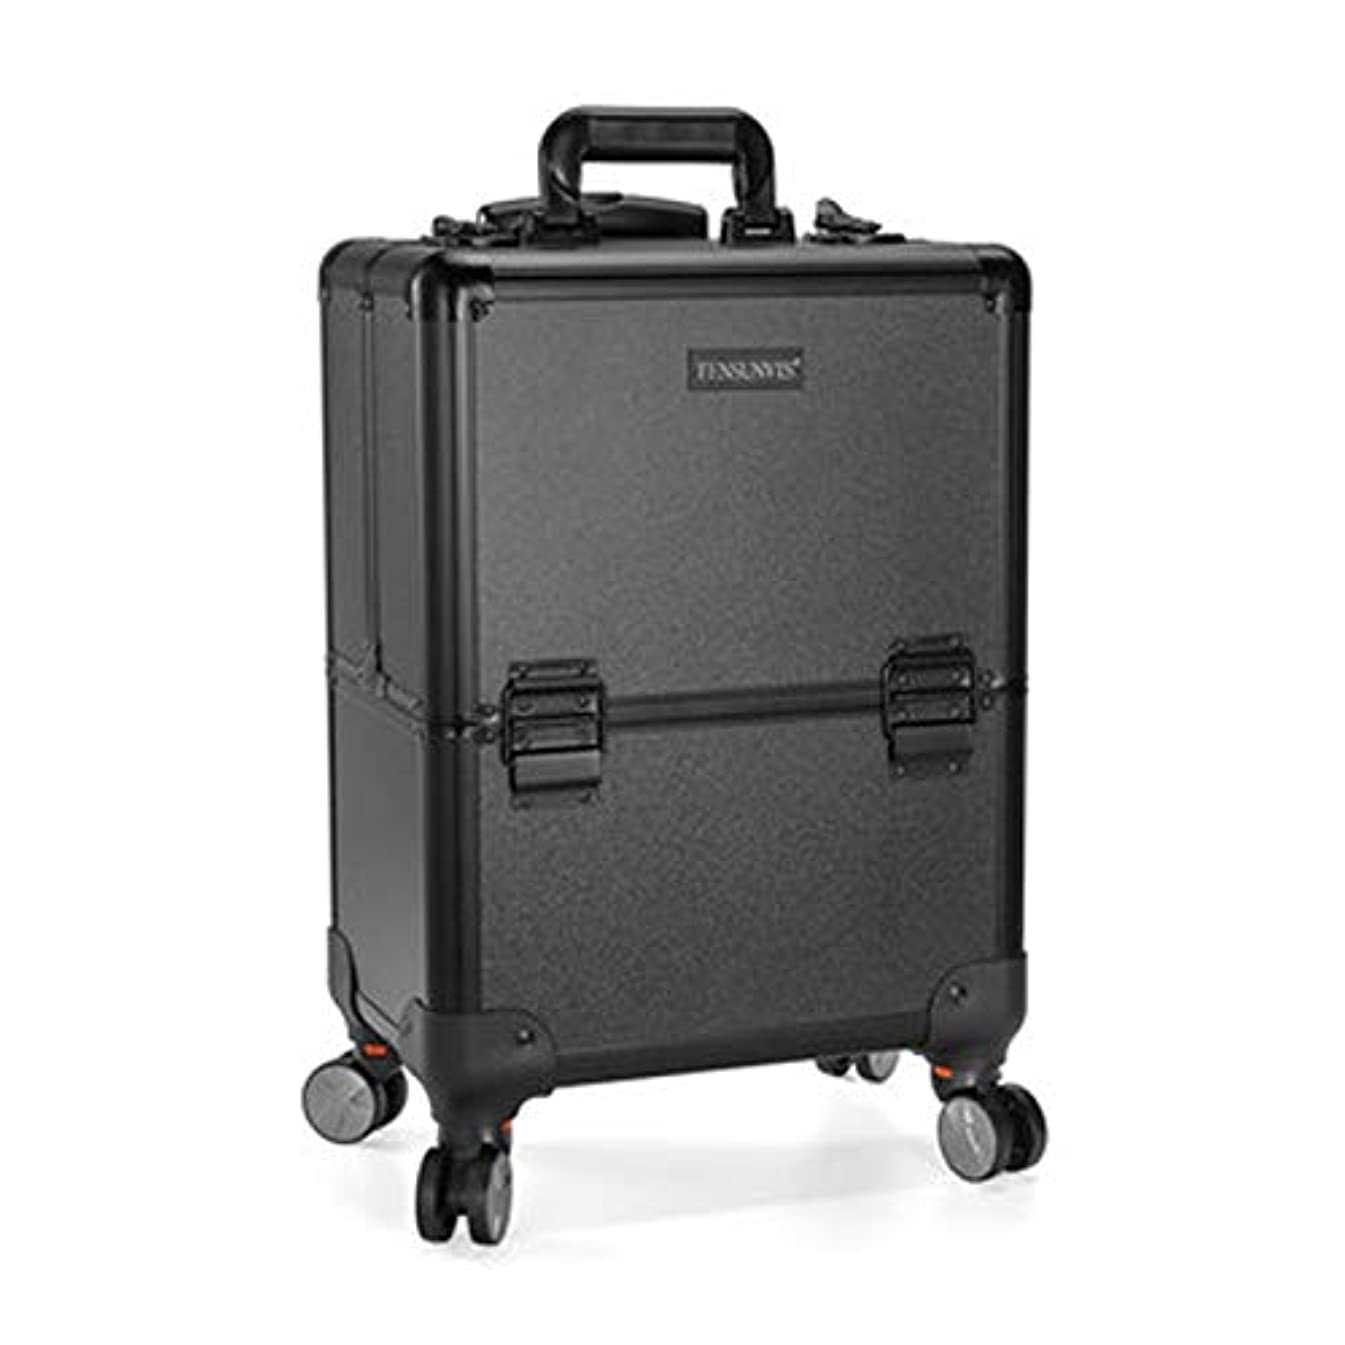 適合するチラチラする引き渡すプロ専用 美容師 クローゼット スーツケース メイクボックス キャリーバッグ ヘアメイク プロ 大容量 軽量 高品質 多機能 I-TT-317T-B